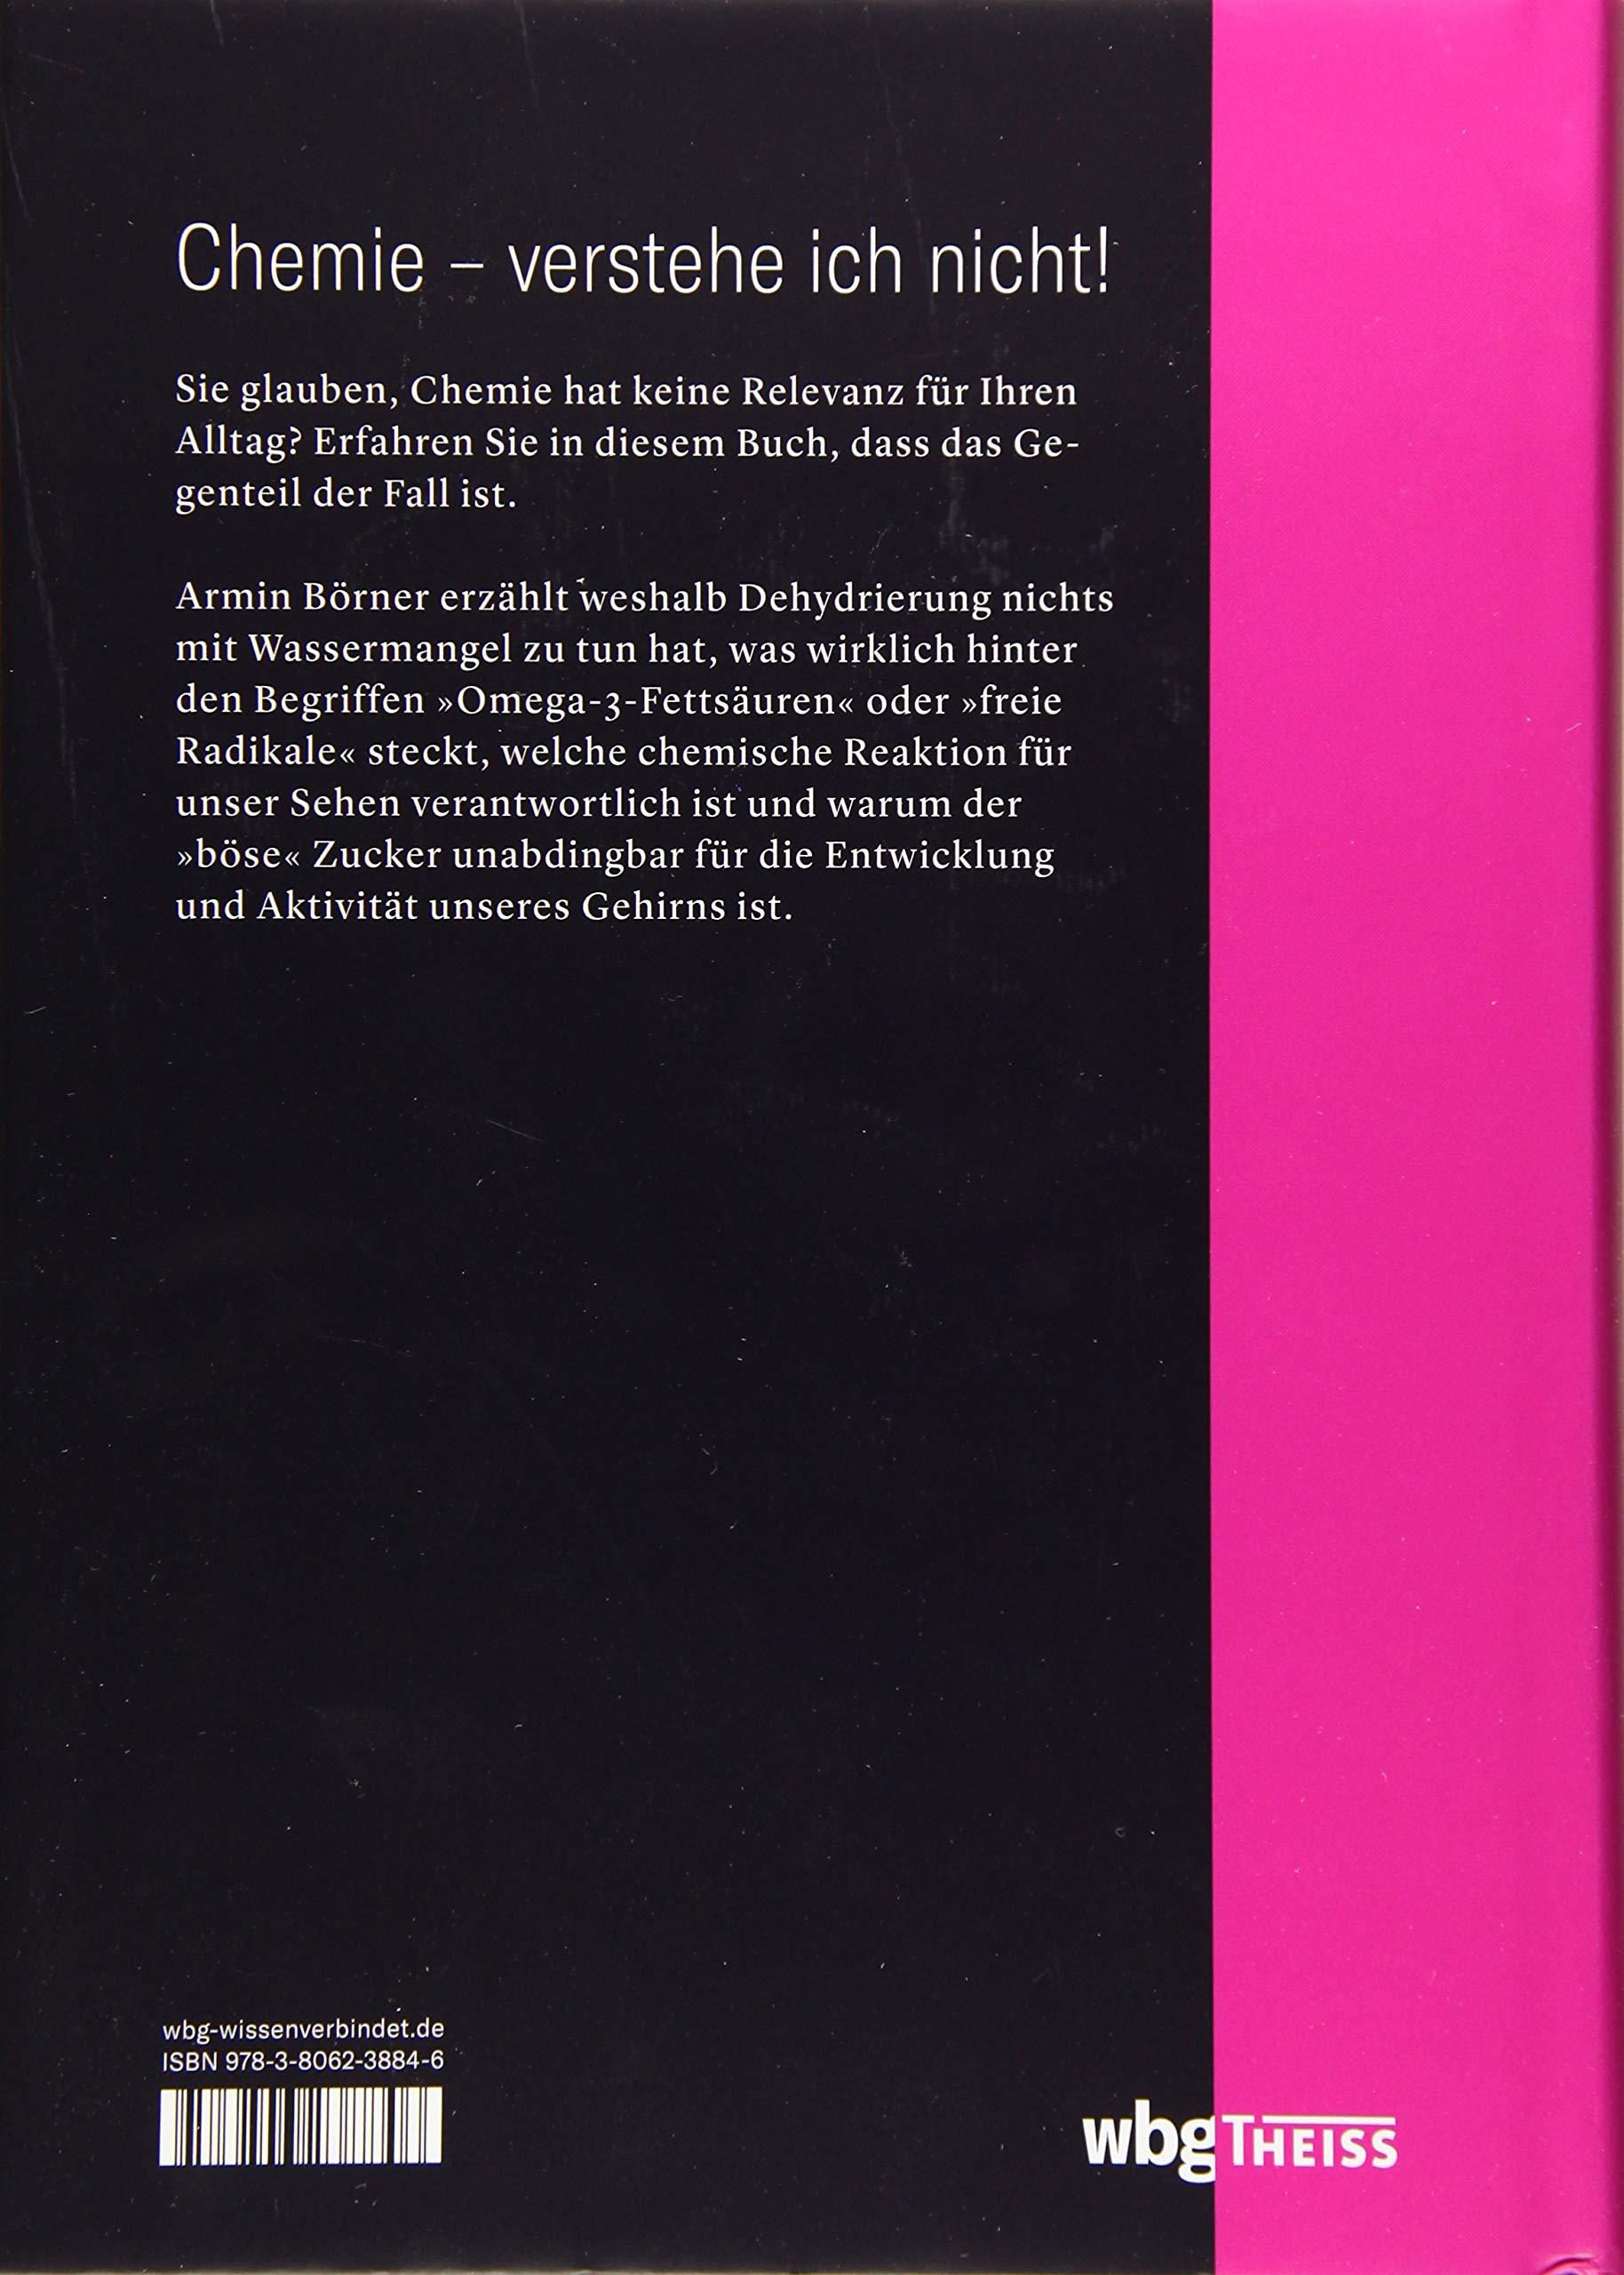 Chemie Verbindungen Fürs Leben Amazonde Armin Börner